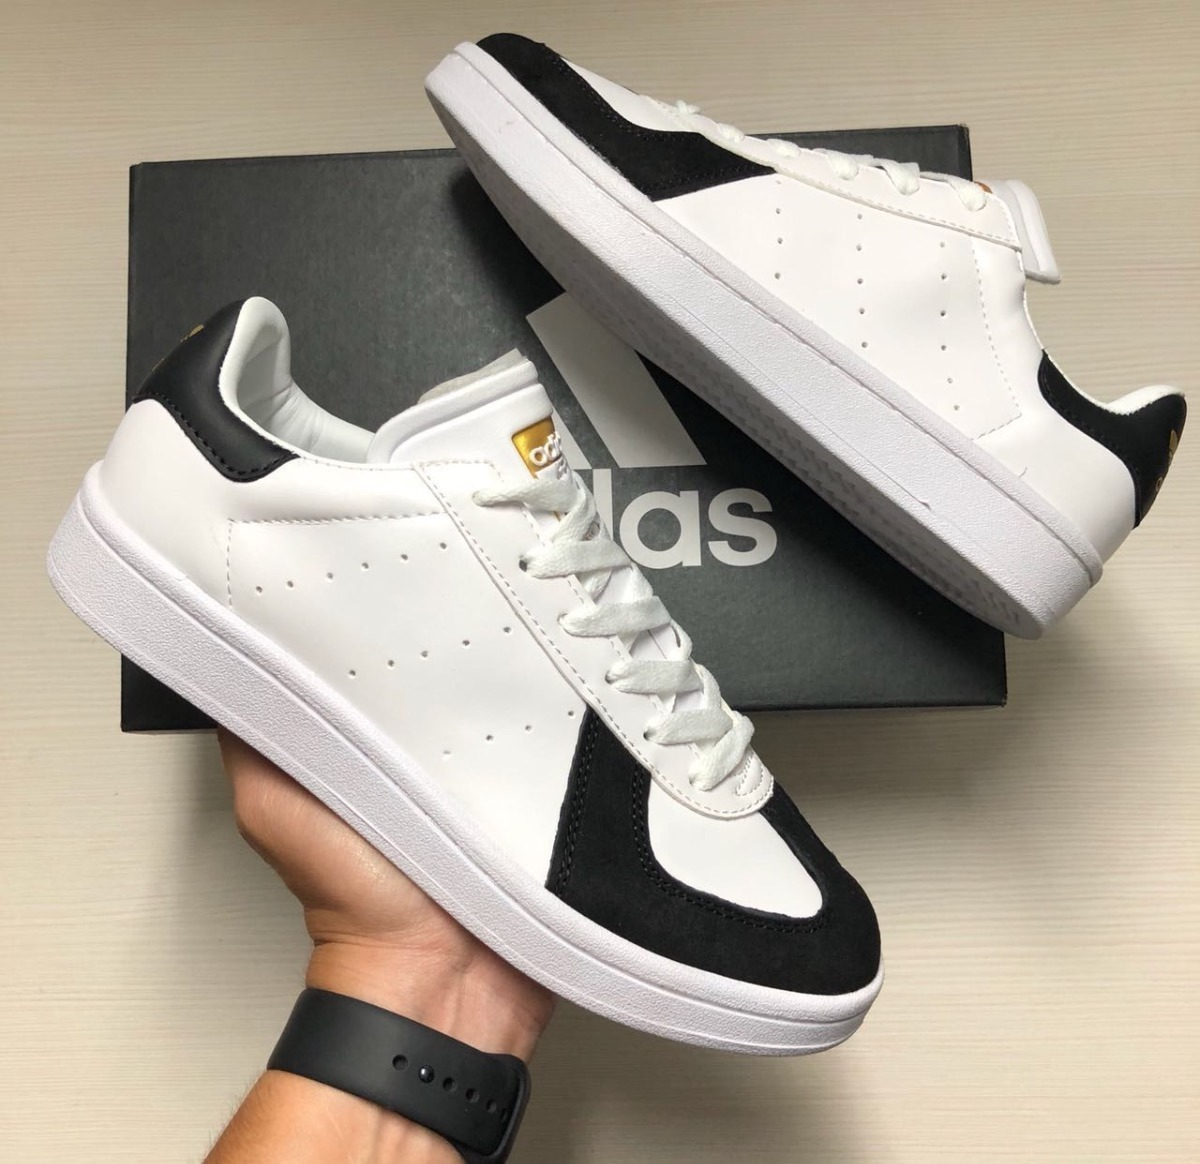 Tenis Zapatillas adidas Tabla Blanca Verde Env Gr -   144.900 en ... 982c42493759c